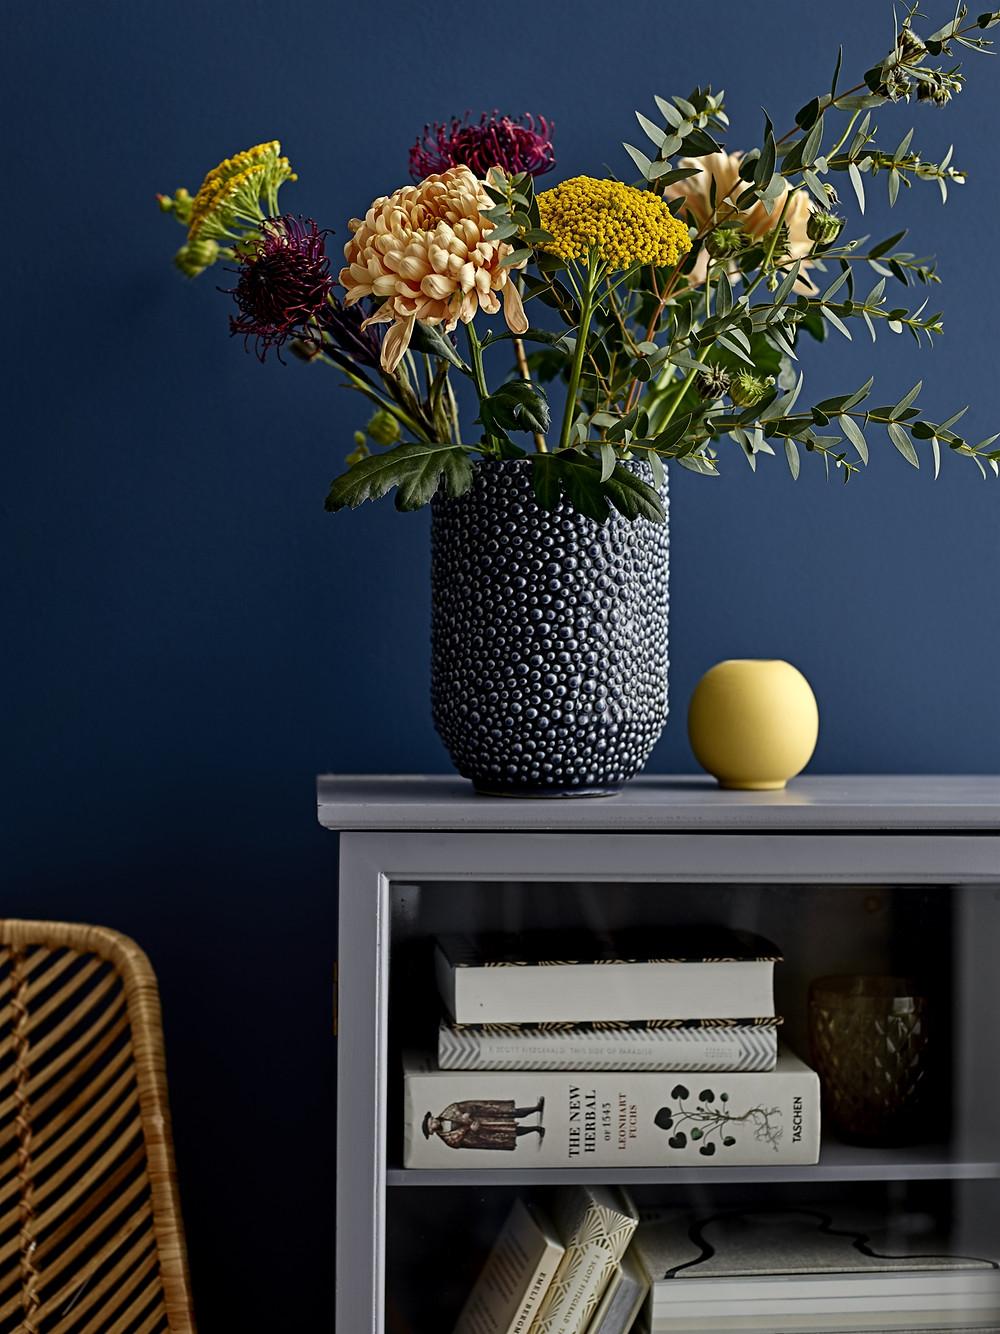 vase avec composition florale forestière sur fond bleu dans une décoration minimaliste bloomingville, belle inspiration pour une décoration actuelle bleue